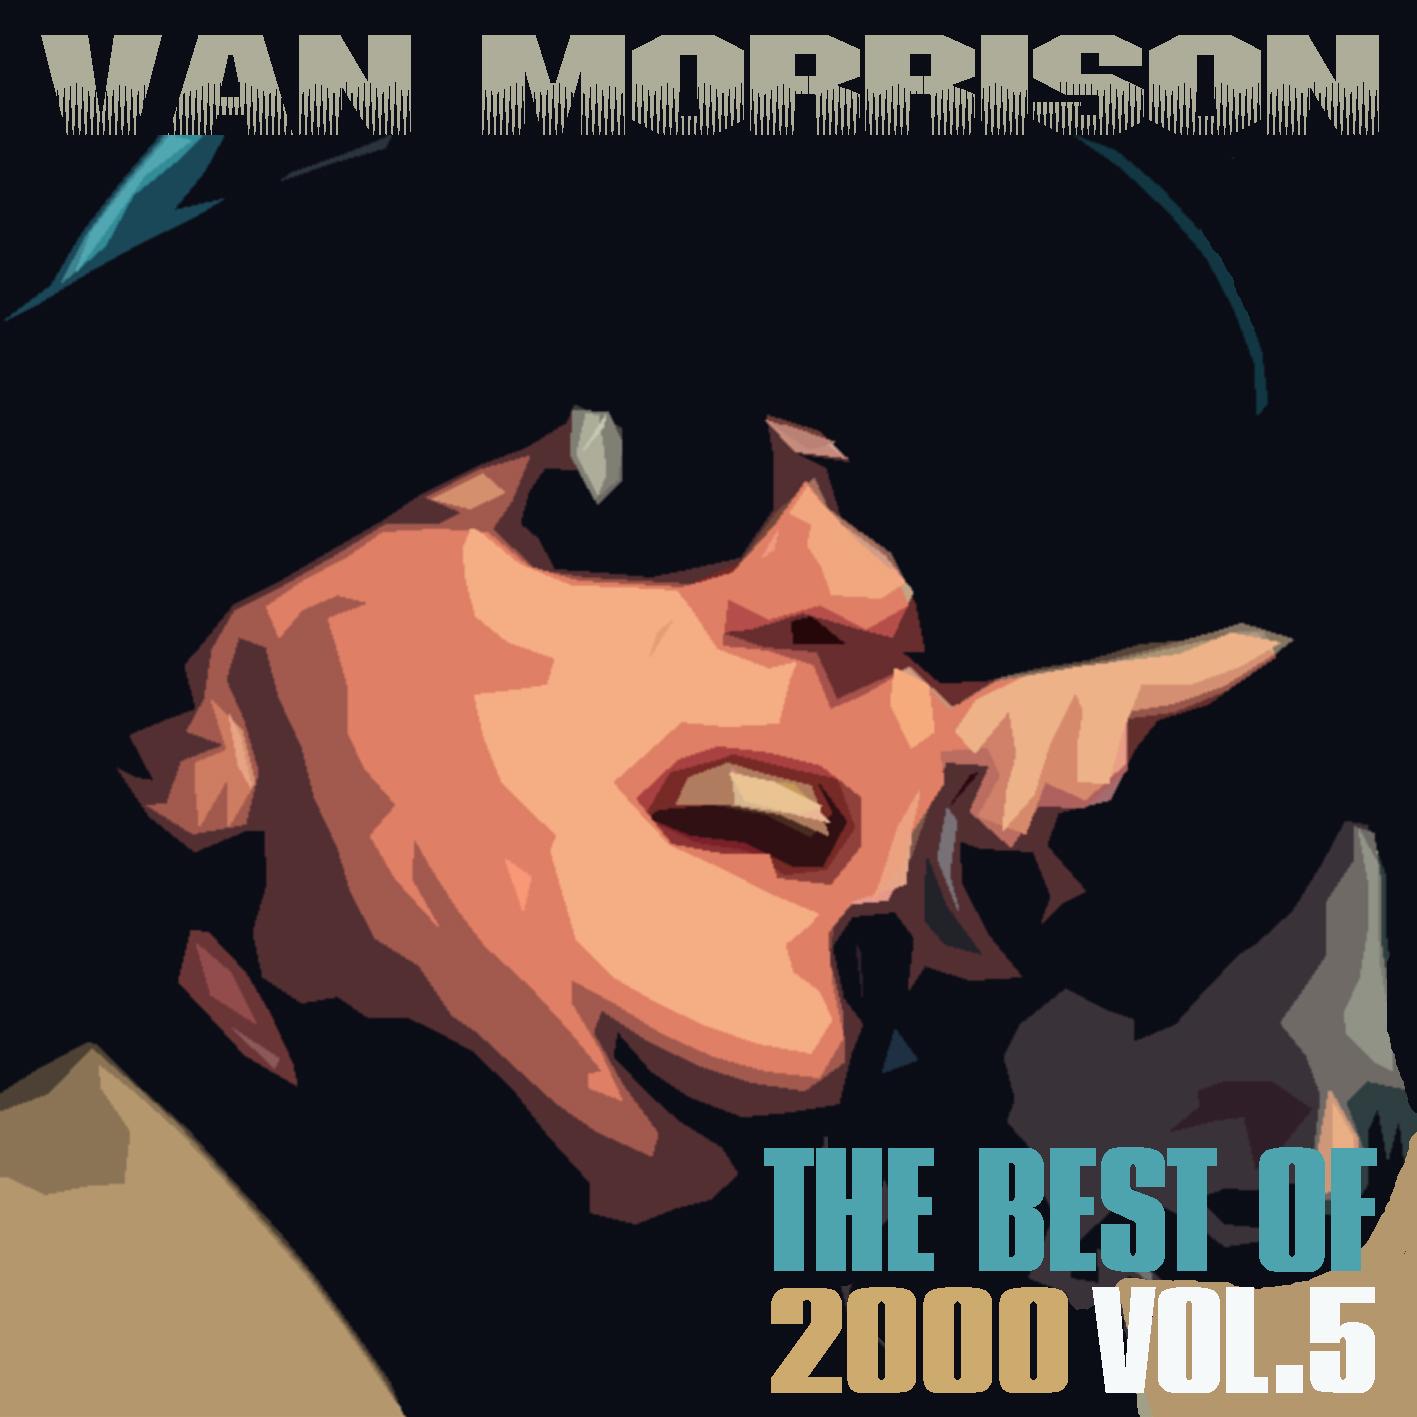 VanMorrison2000BestOfVol5_1.jpg